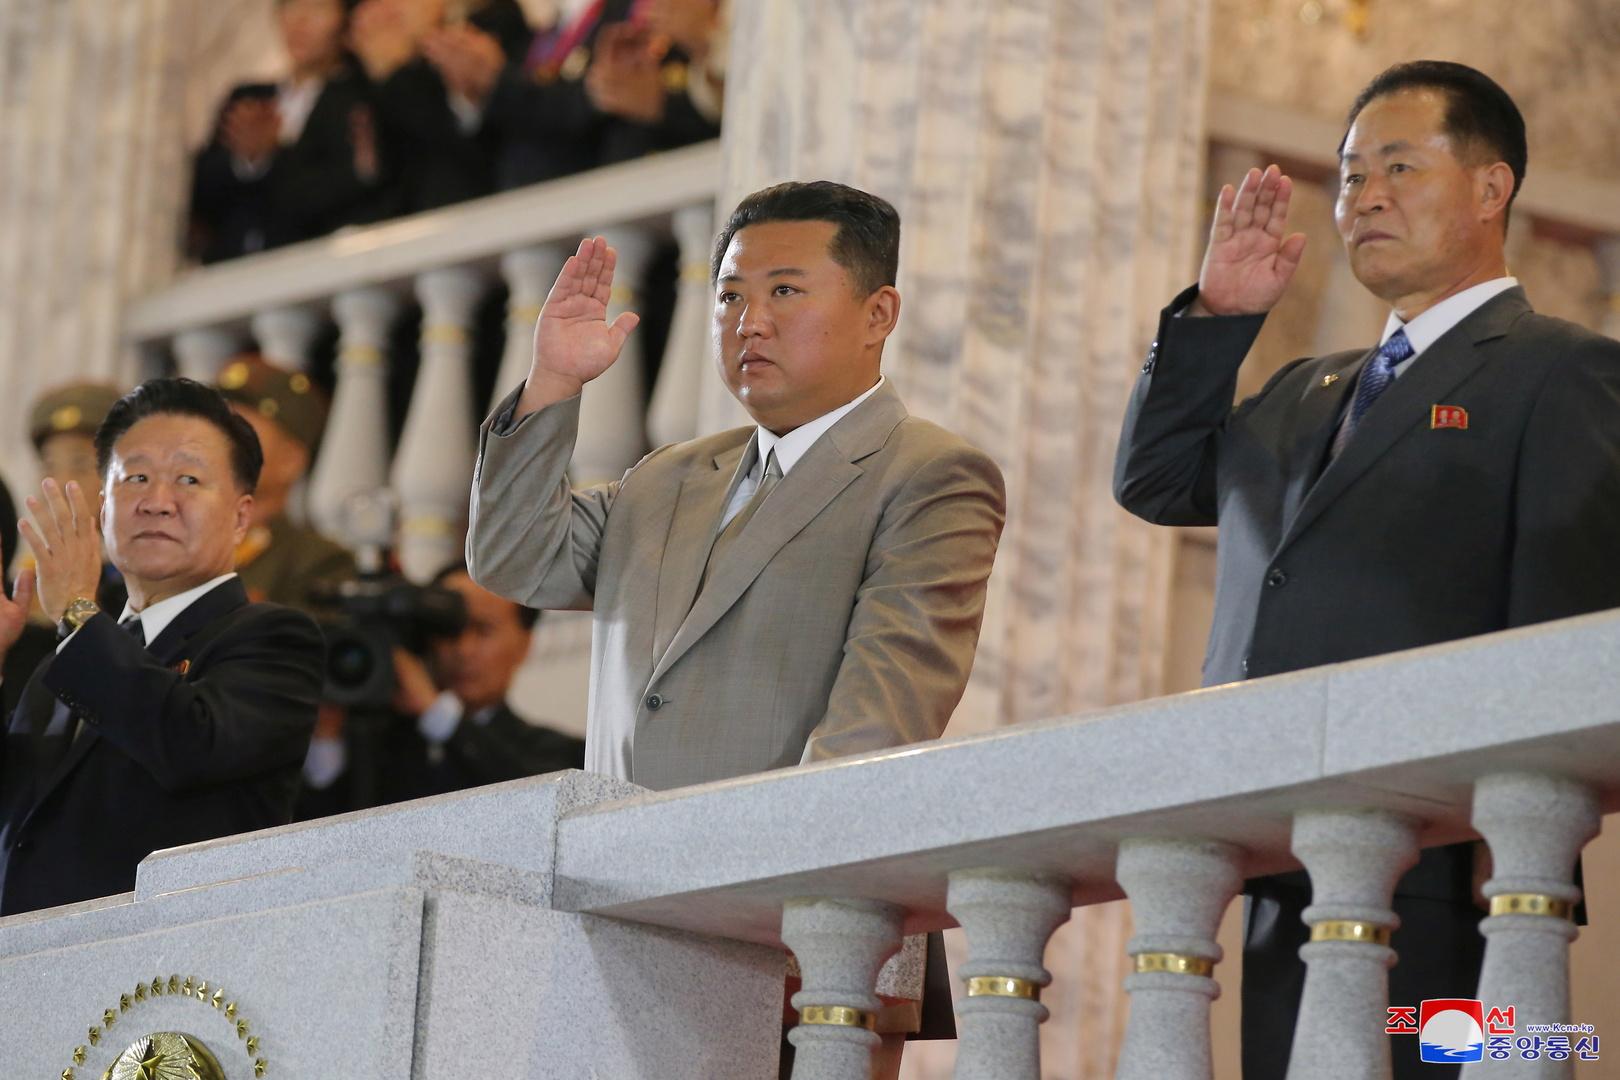 احتفالا بذكرى التأسيس.. الزعيم الكوري الشمالي يزور ضريحي الزعيمين الراحلين